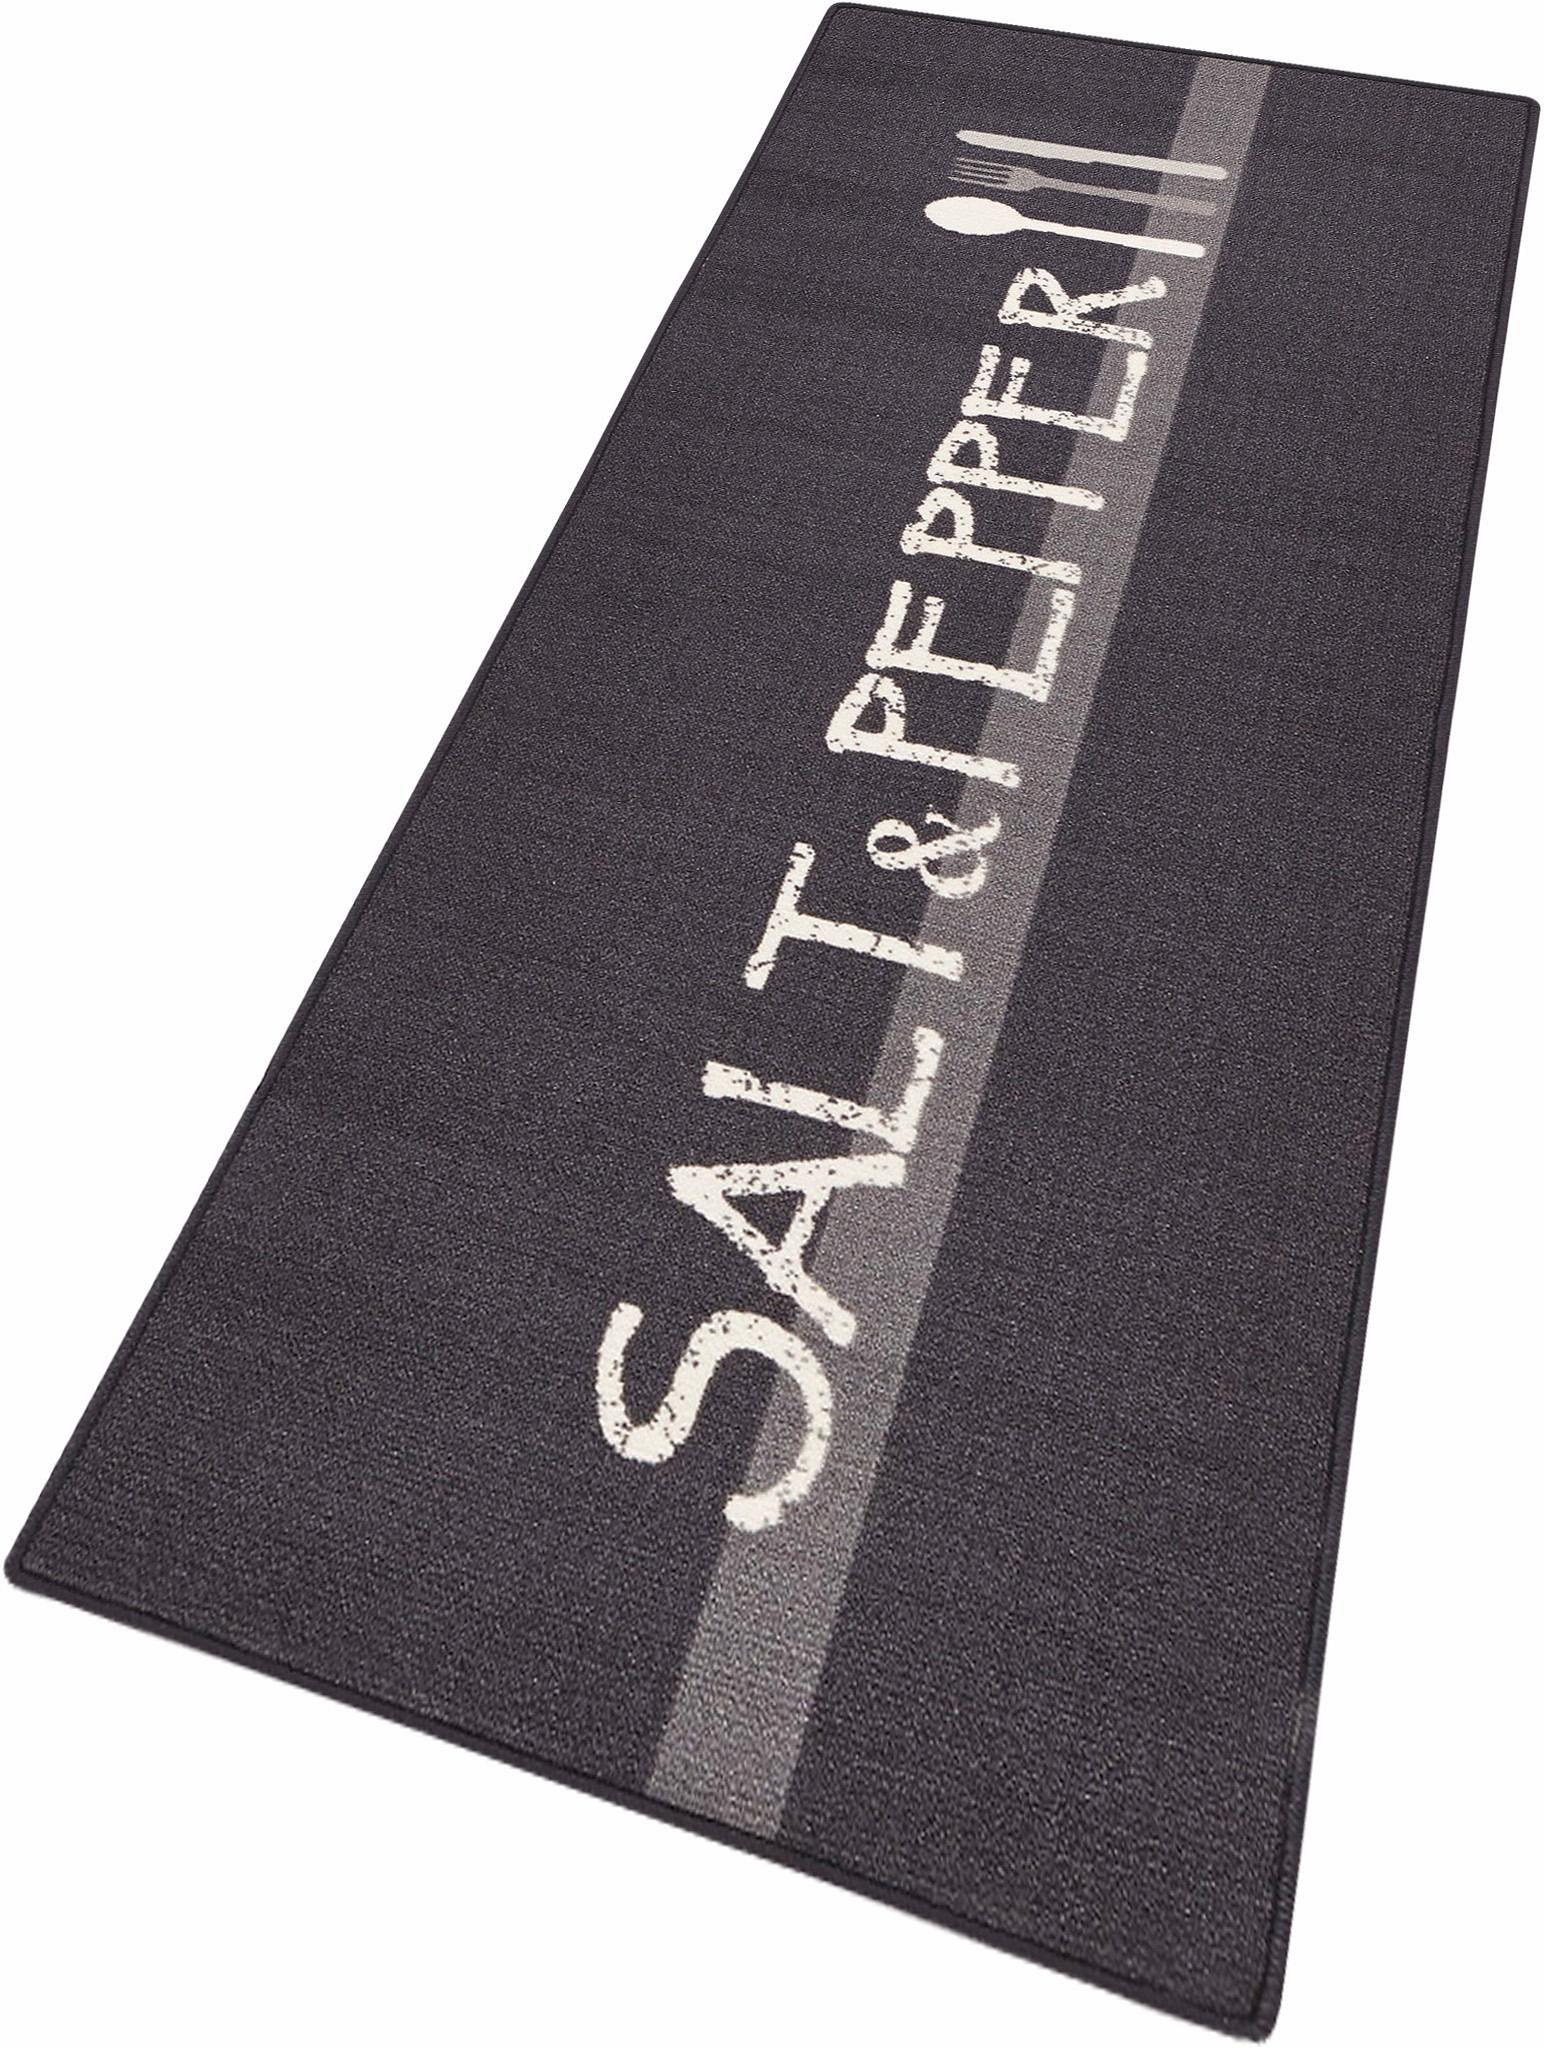 Küchenläufer »Salt & Pepper«, HANSE Home, rechteckig, Höhe 8 mm